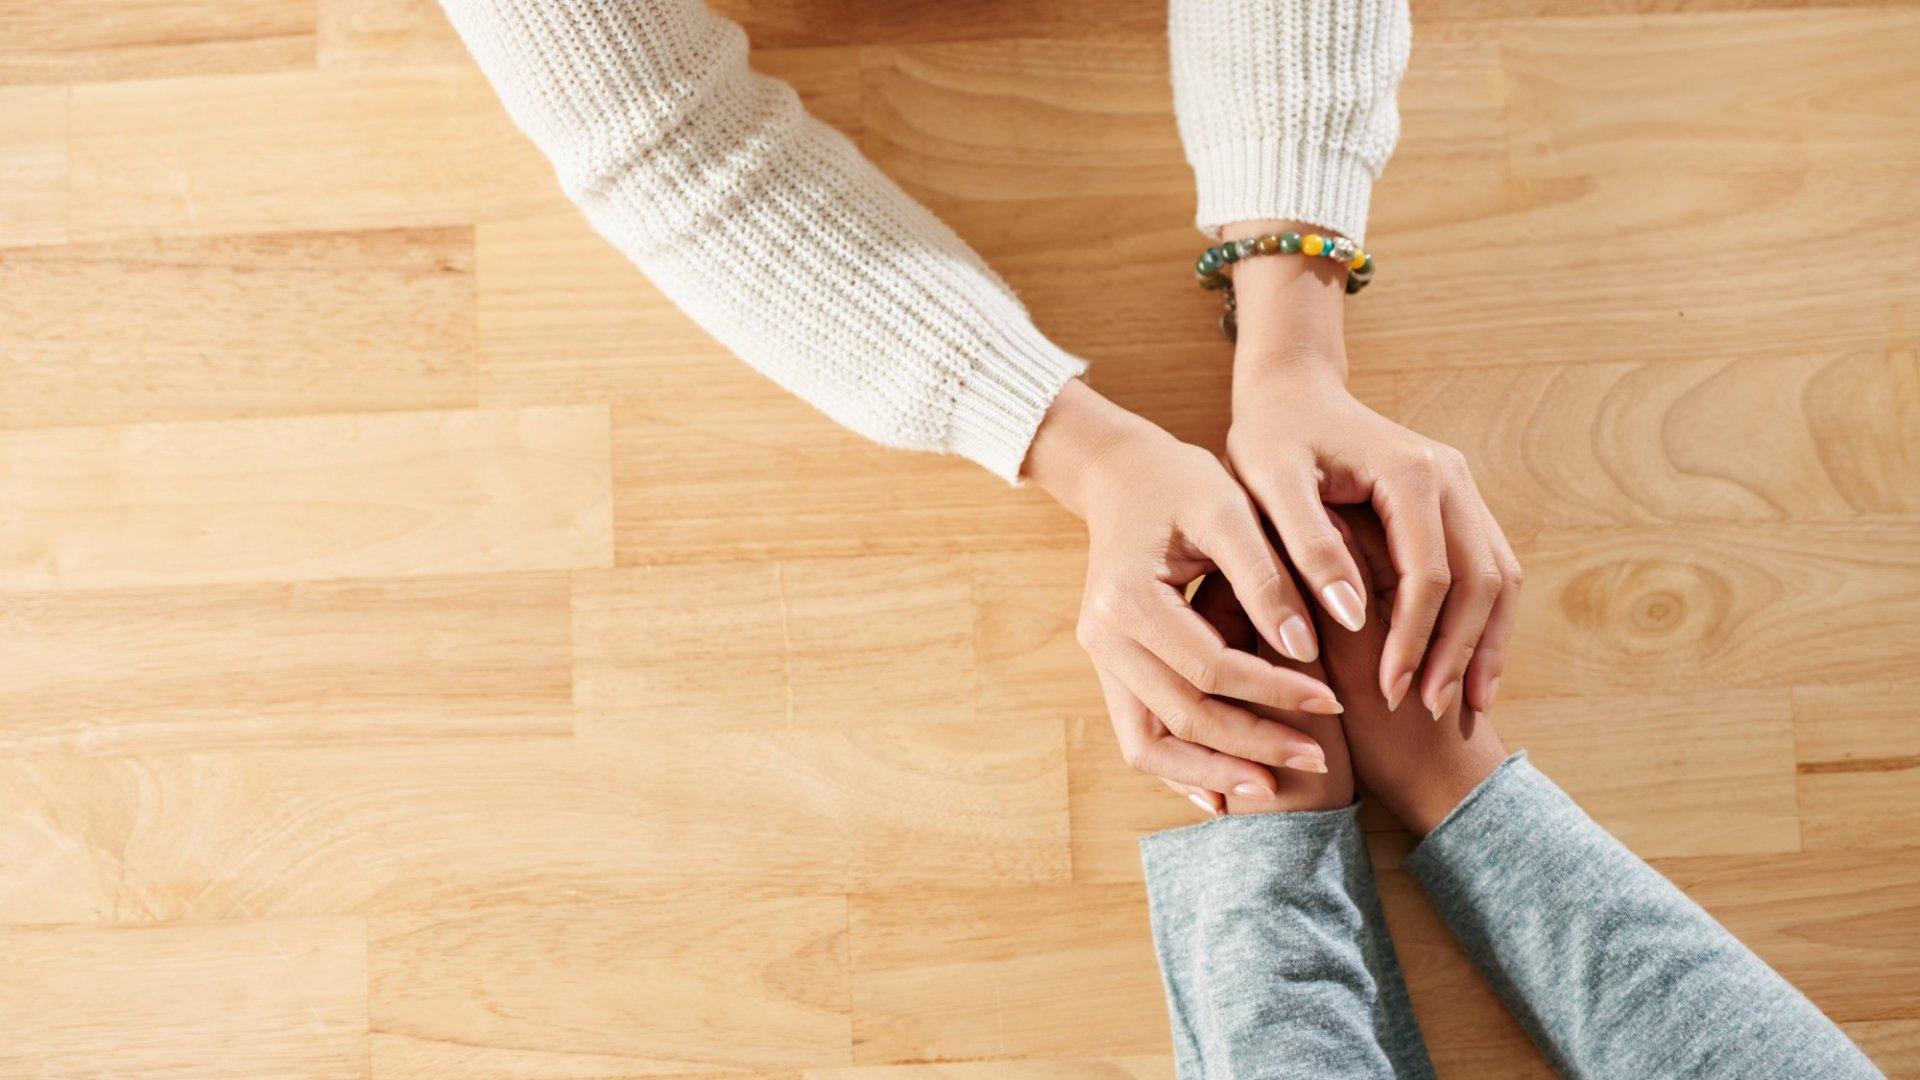 7 Habits of Highly Empathetic People